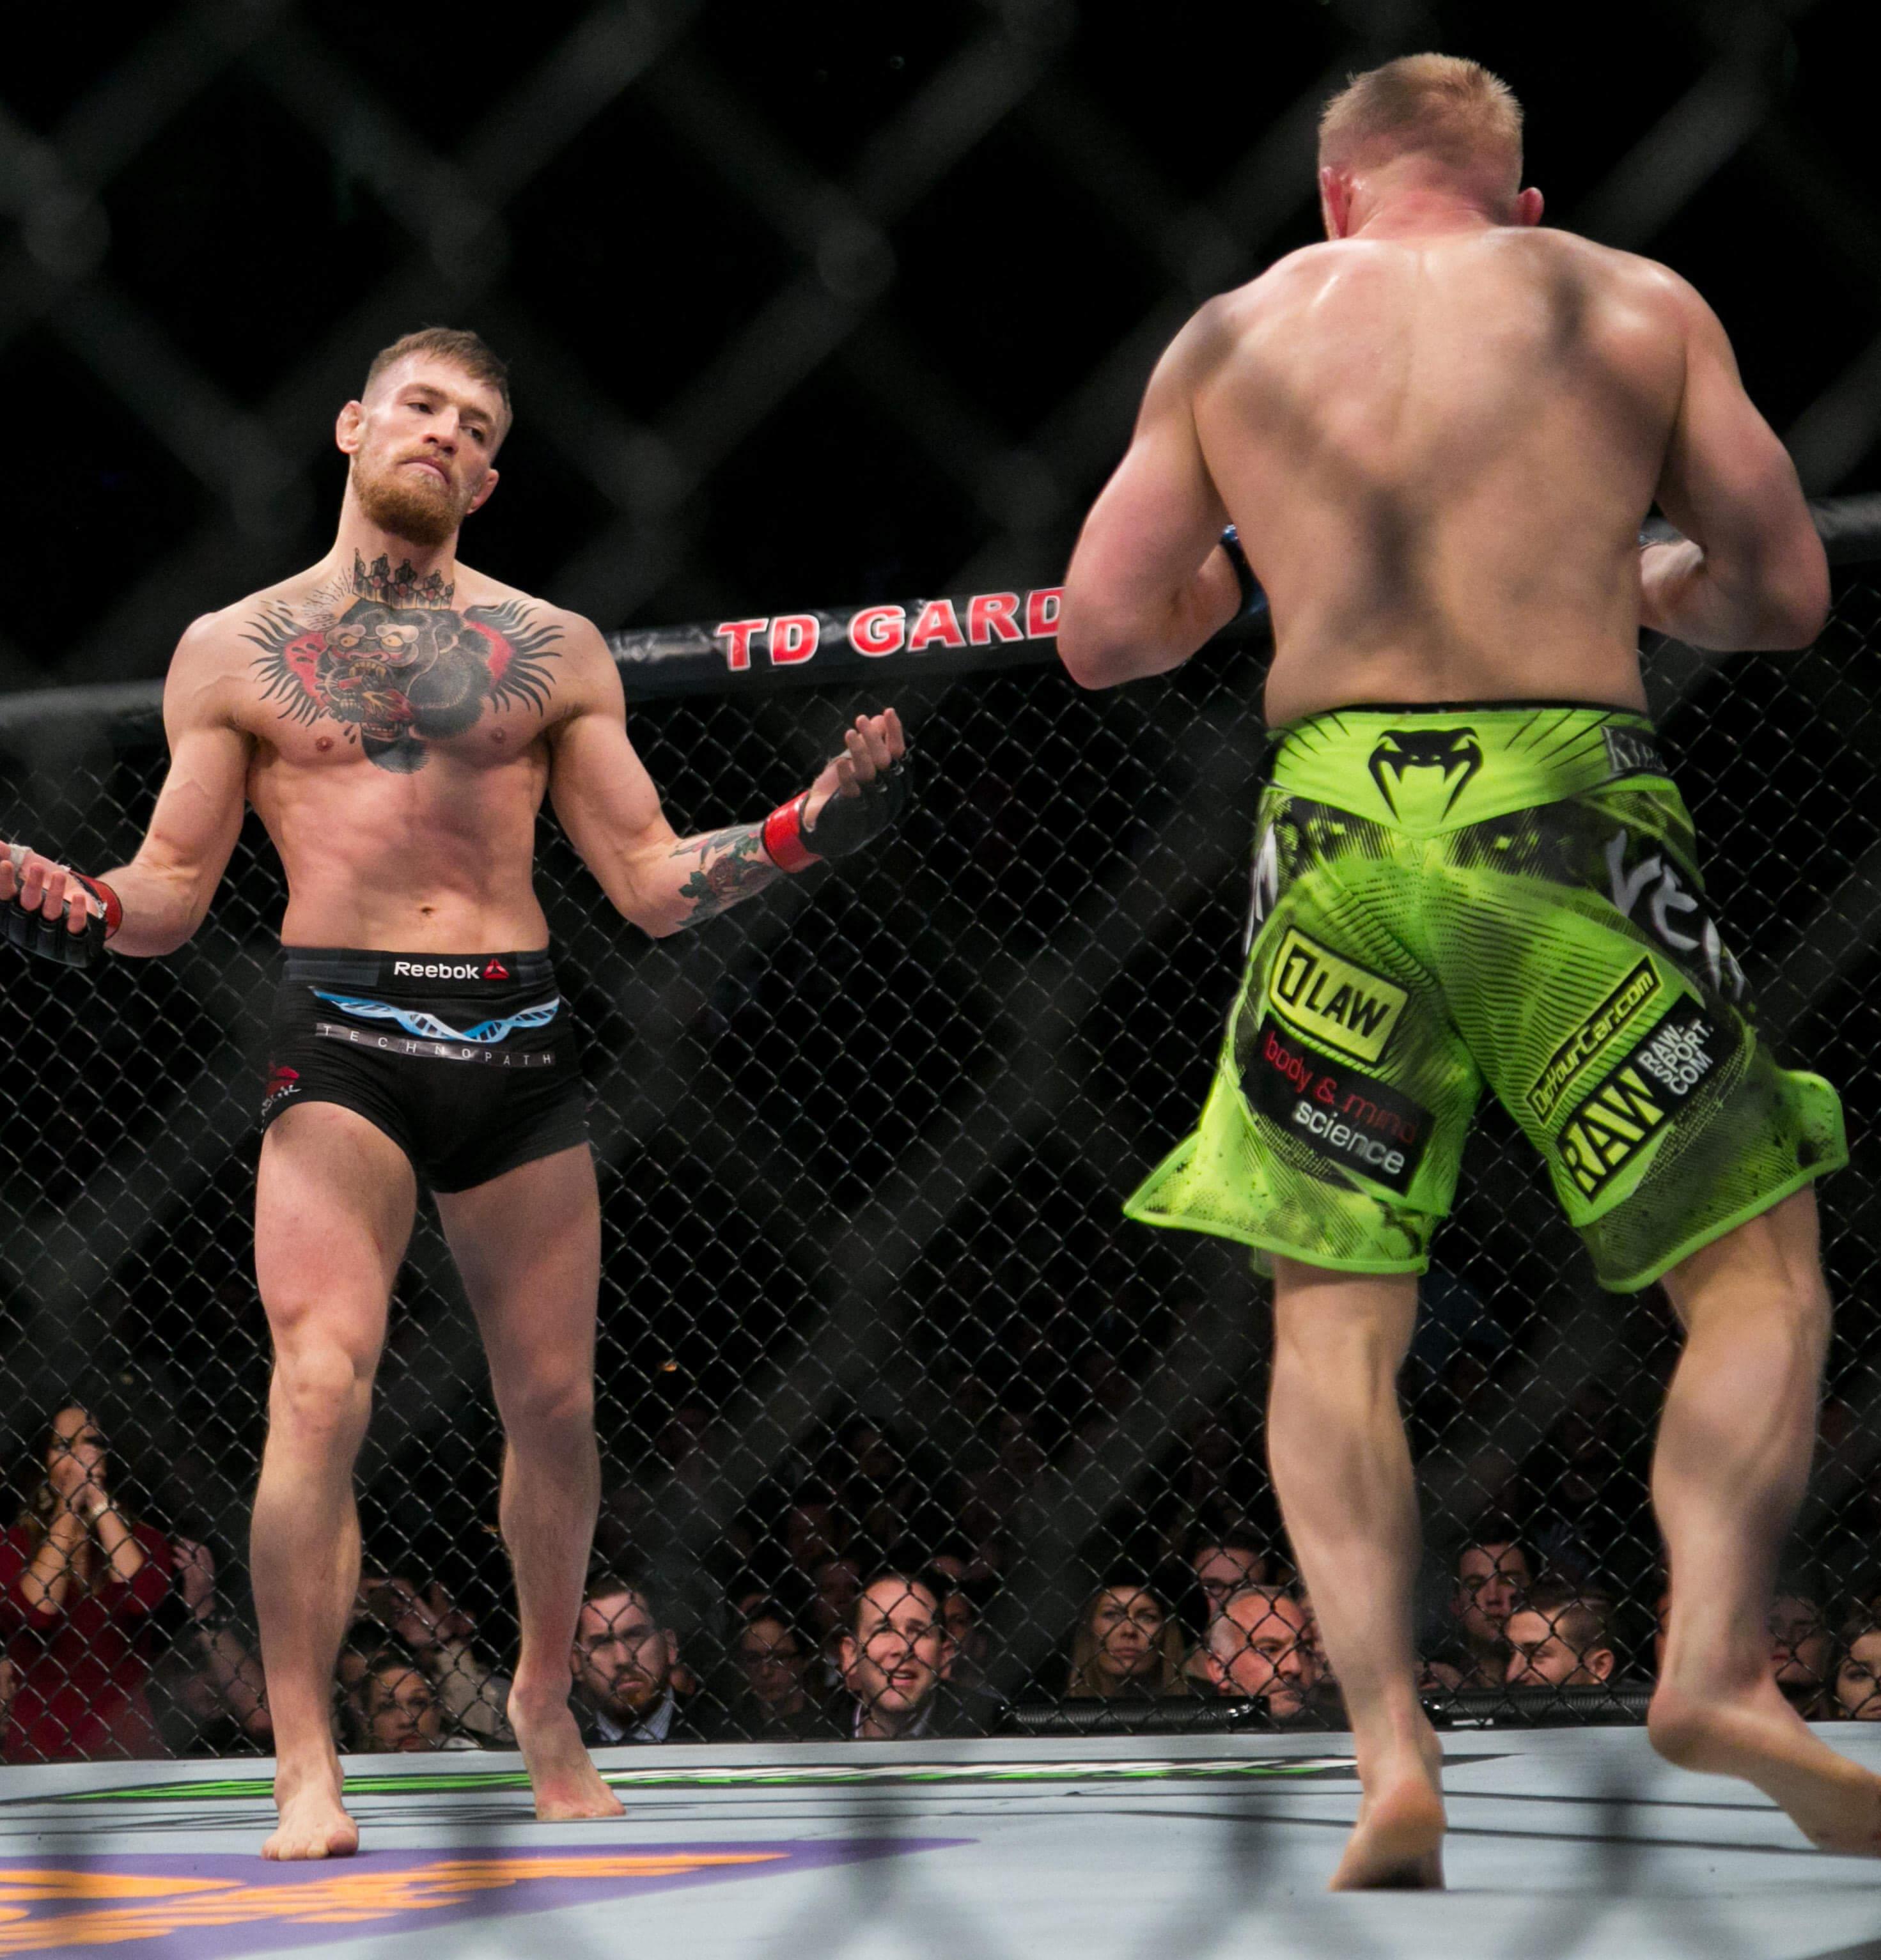 011815ufckm67 20 Craziest Conor McGregor Moments